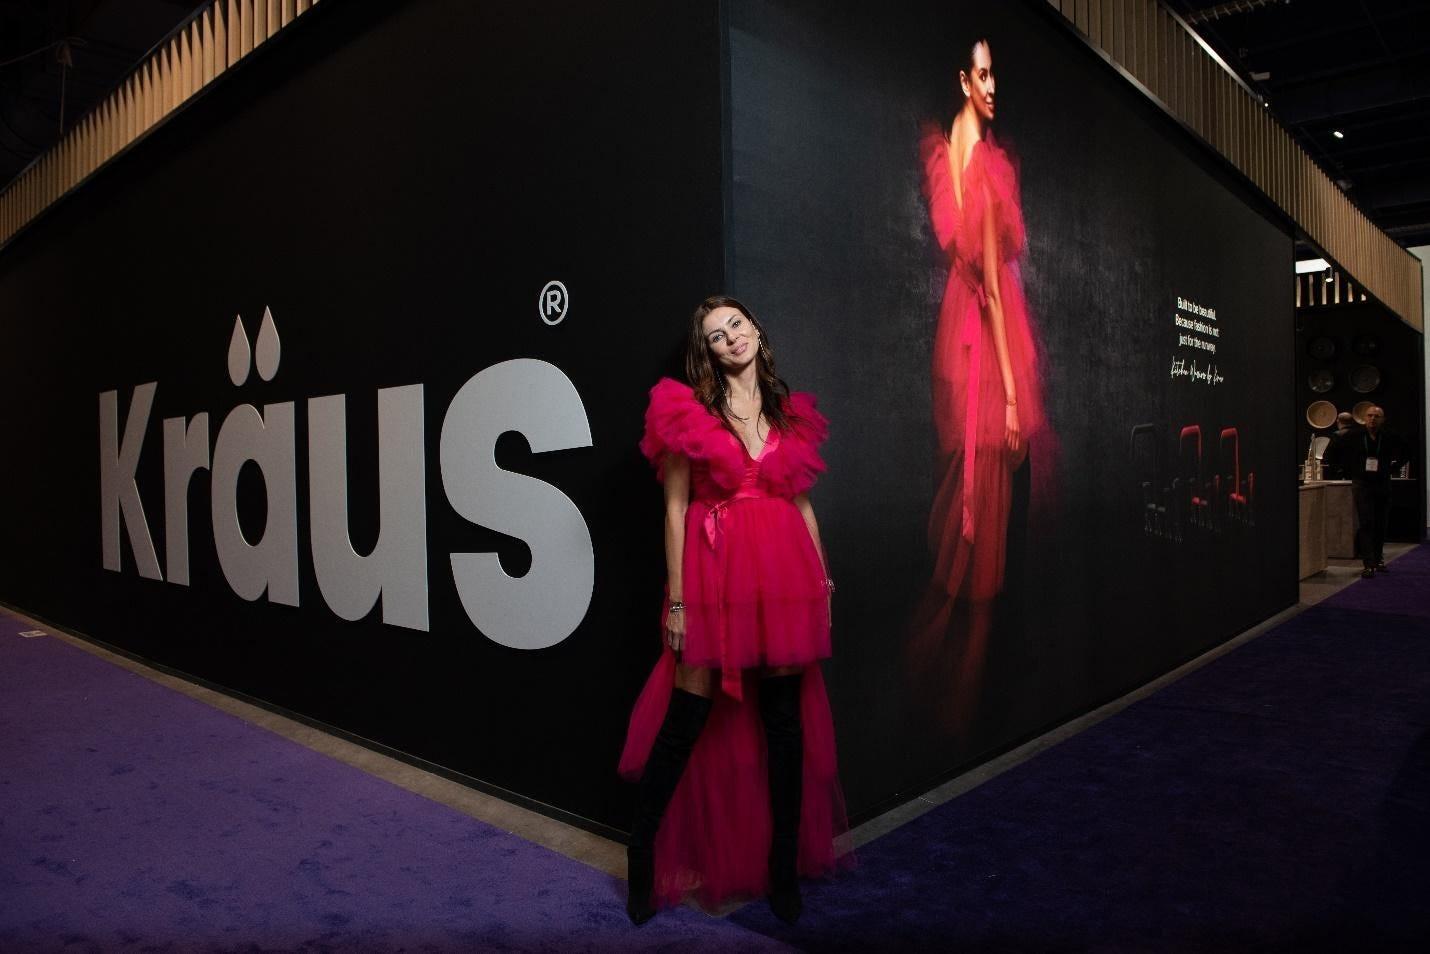 Kraus-KBIS-2020-built-to-be-beautiful-model